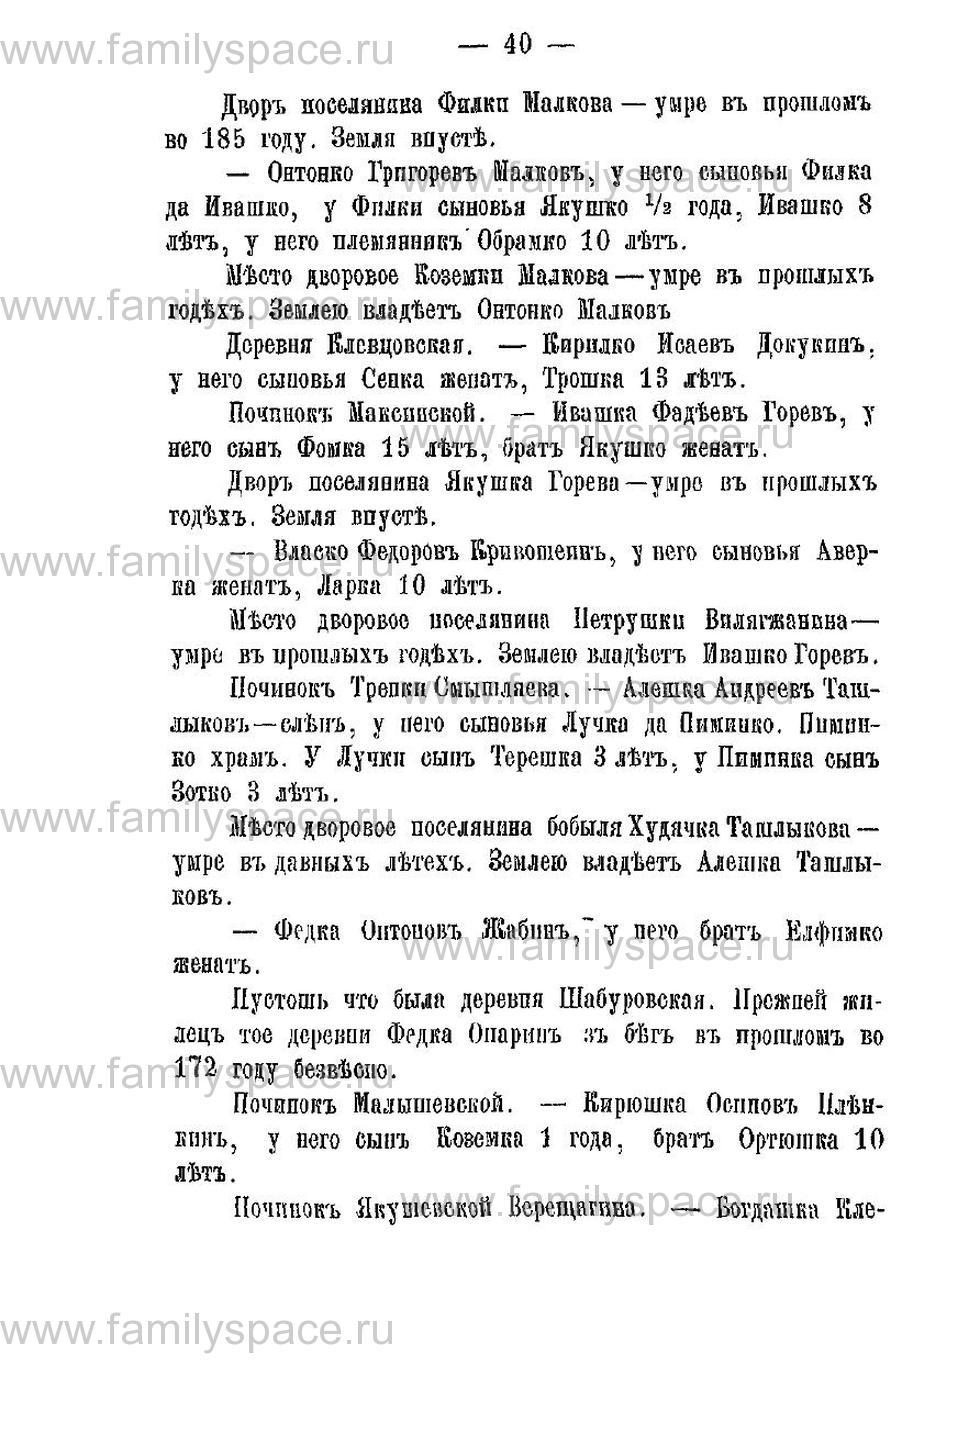 Поиск по фамилии - Переписная книга Орлова и волостей 1678 г, страница 36